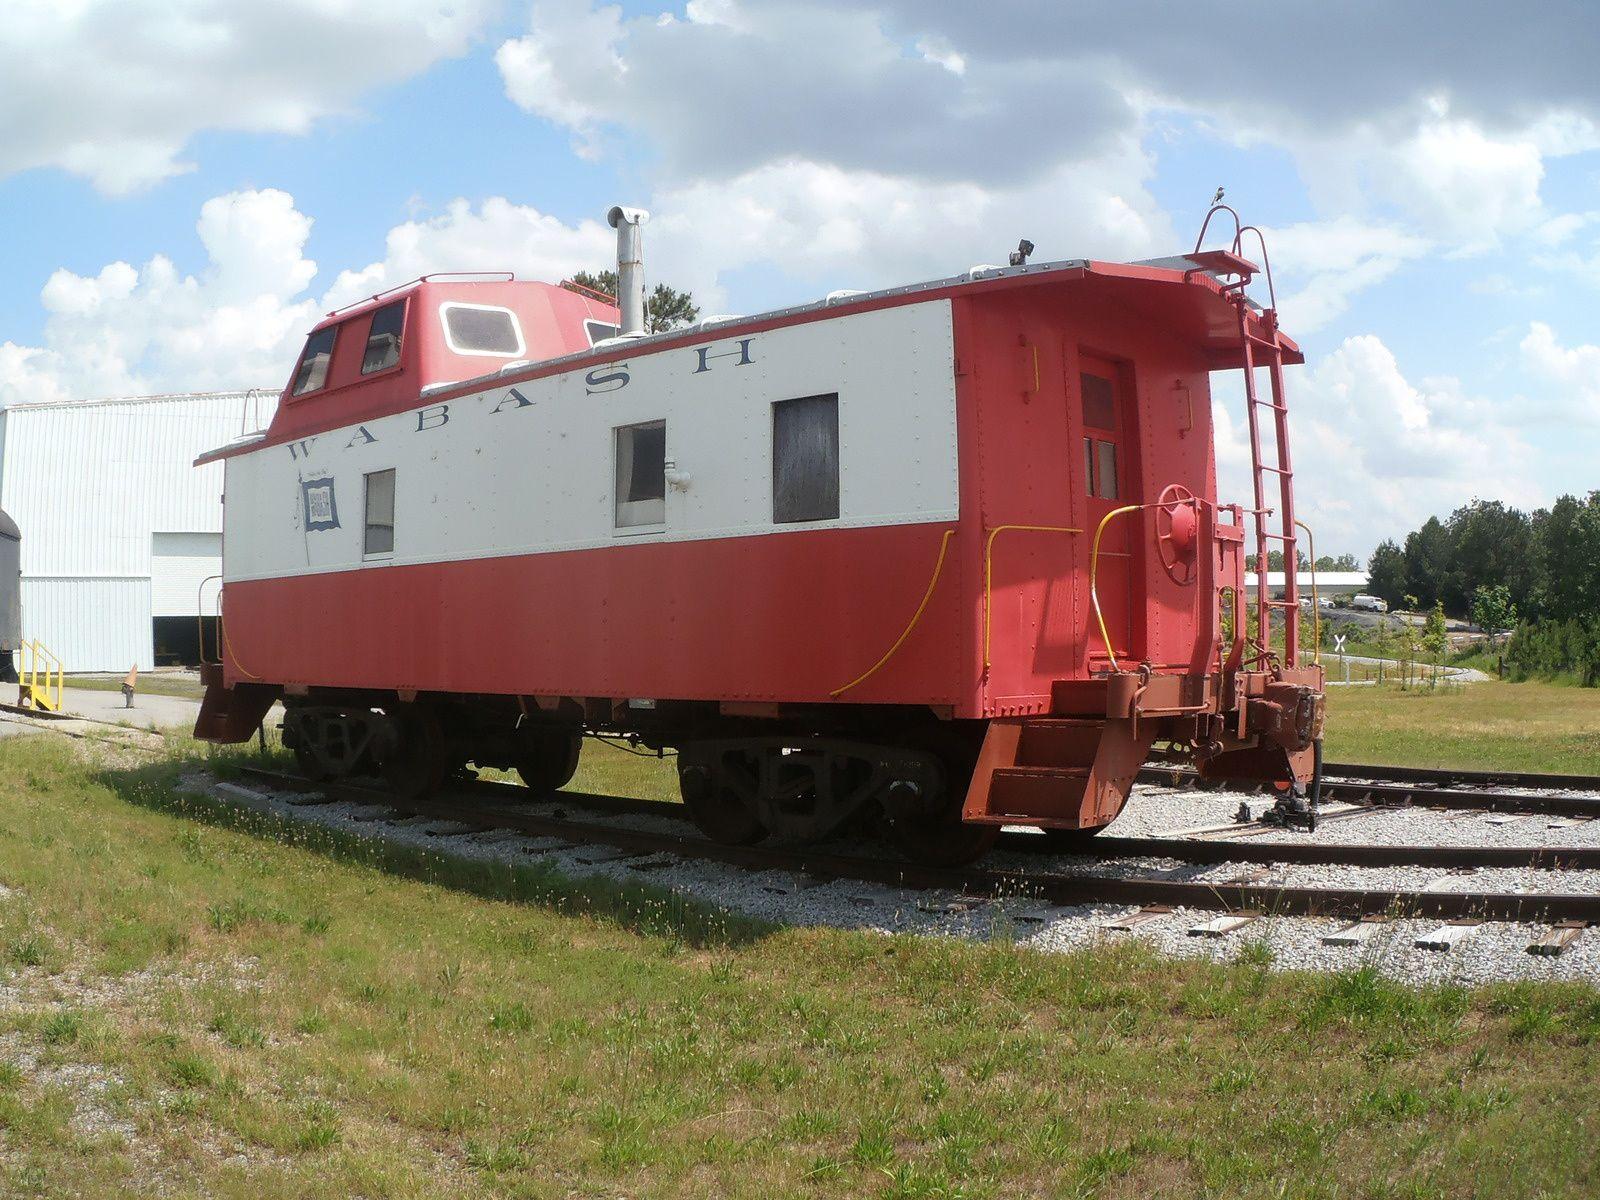 """Terminons, par la fin avec la spécialité américaine du """"caboose"""". Ce wagon, situé en fin de train, était aménagé pour l'équipe d'un train de marchandises qui s'y reposait, cuisinait et observait la voie et le train grâce à la partie surélevée."""